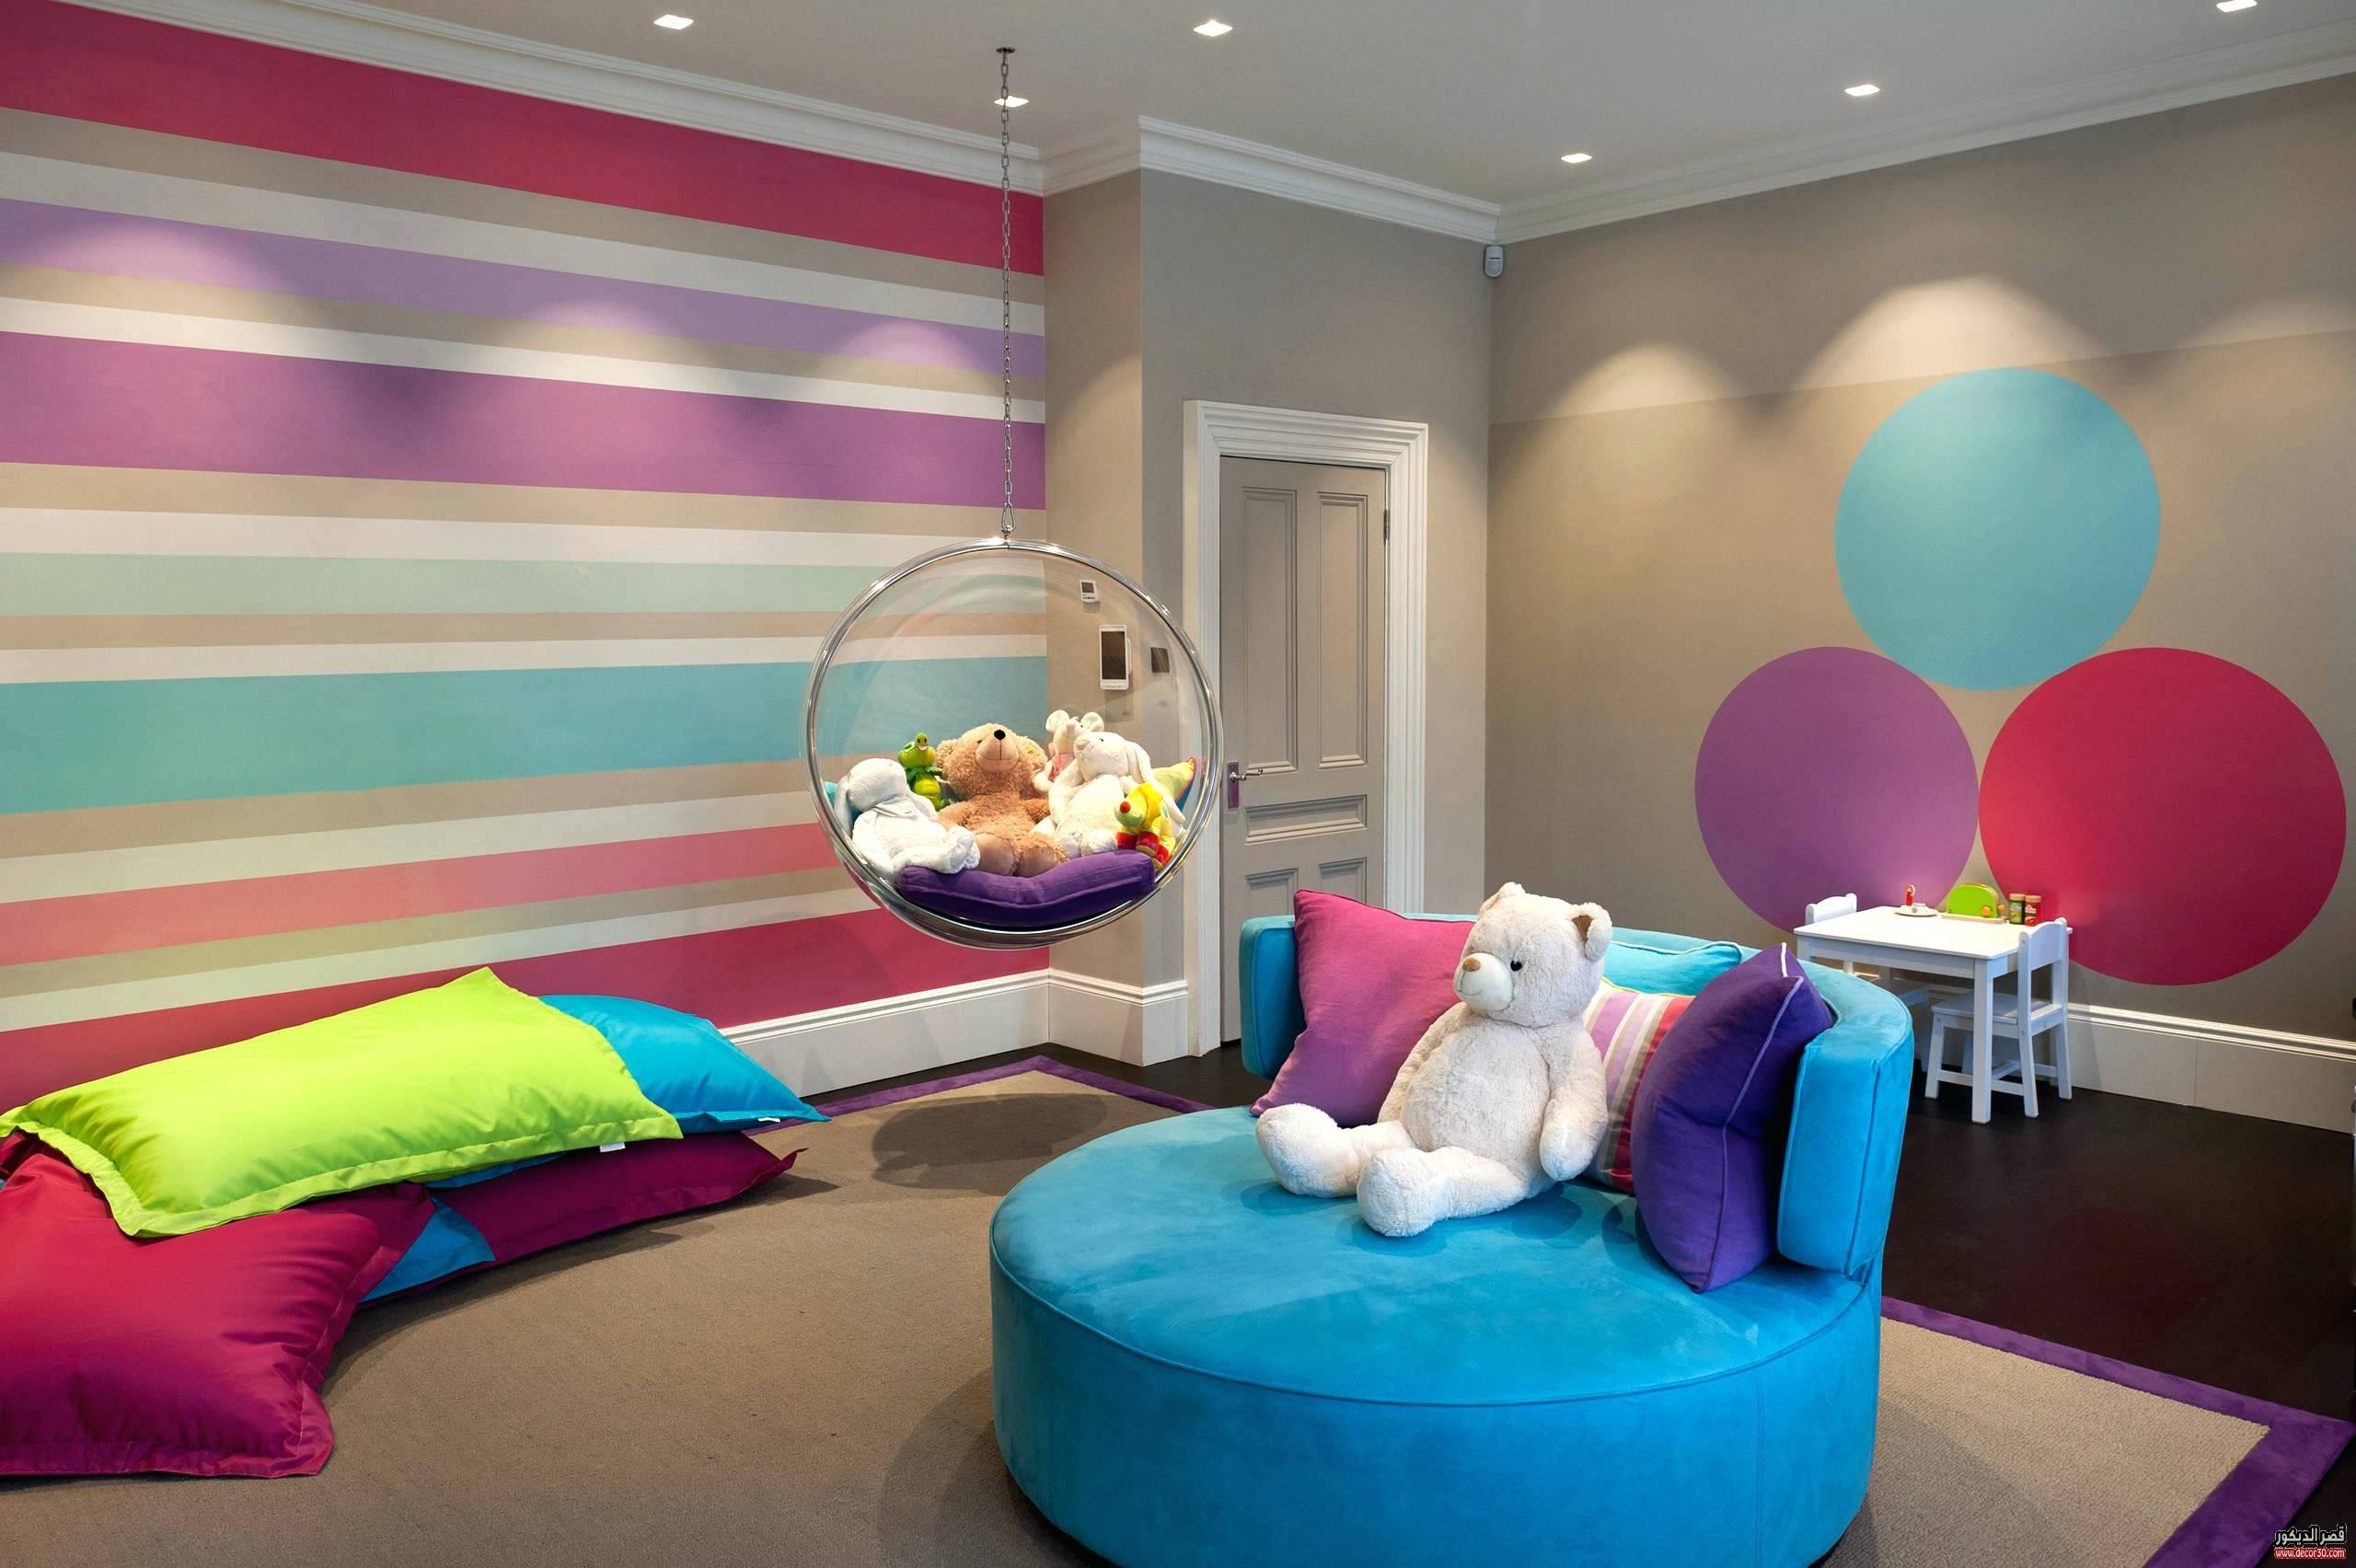 دهانات غرف اطفال تعرفي على بعض النصائح قبل اختيار الوان الحوائط